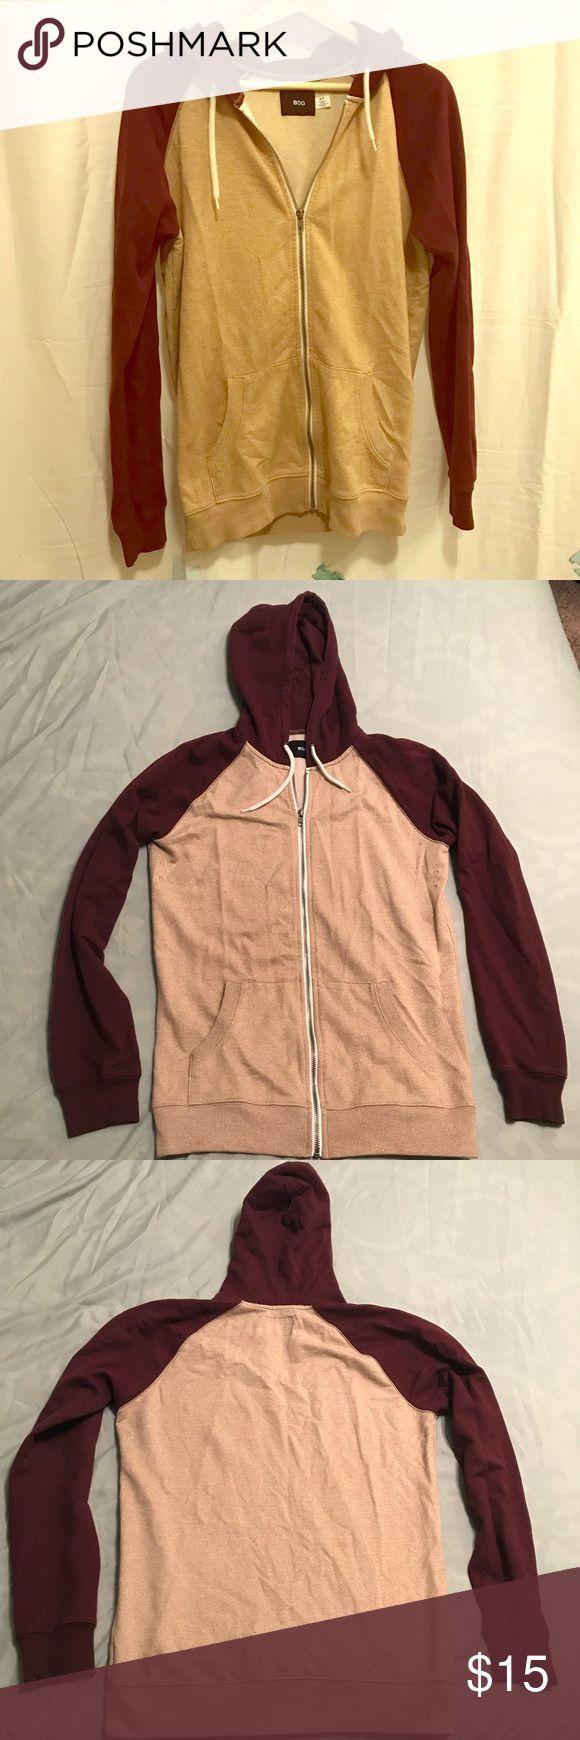 Beige and Maroon BDG zip up hoodie Metal zipper, maroon hood and sleeves. 67% Cotton, 33% Polyester BDG Sweaters